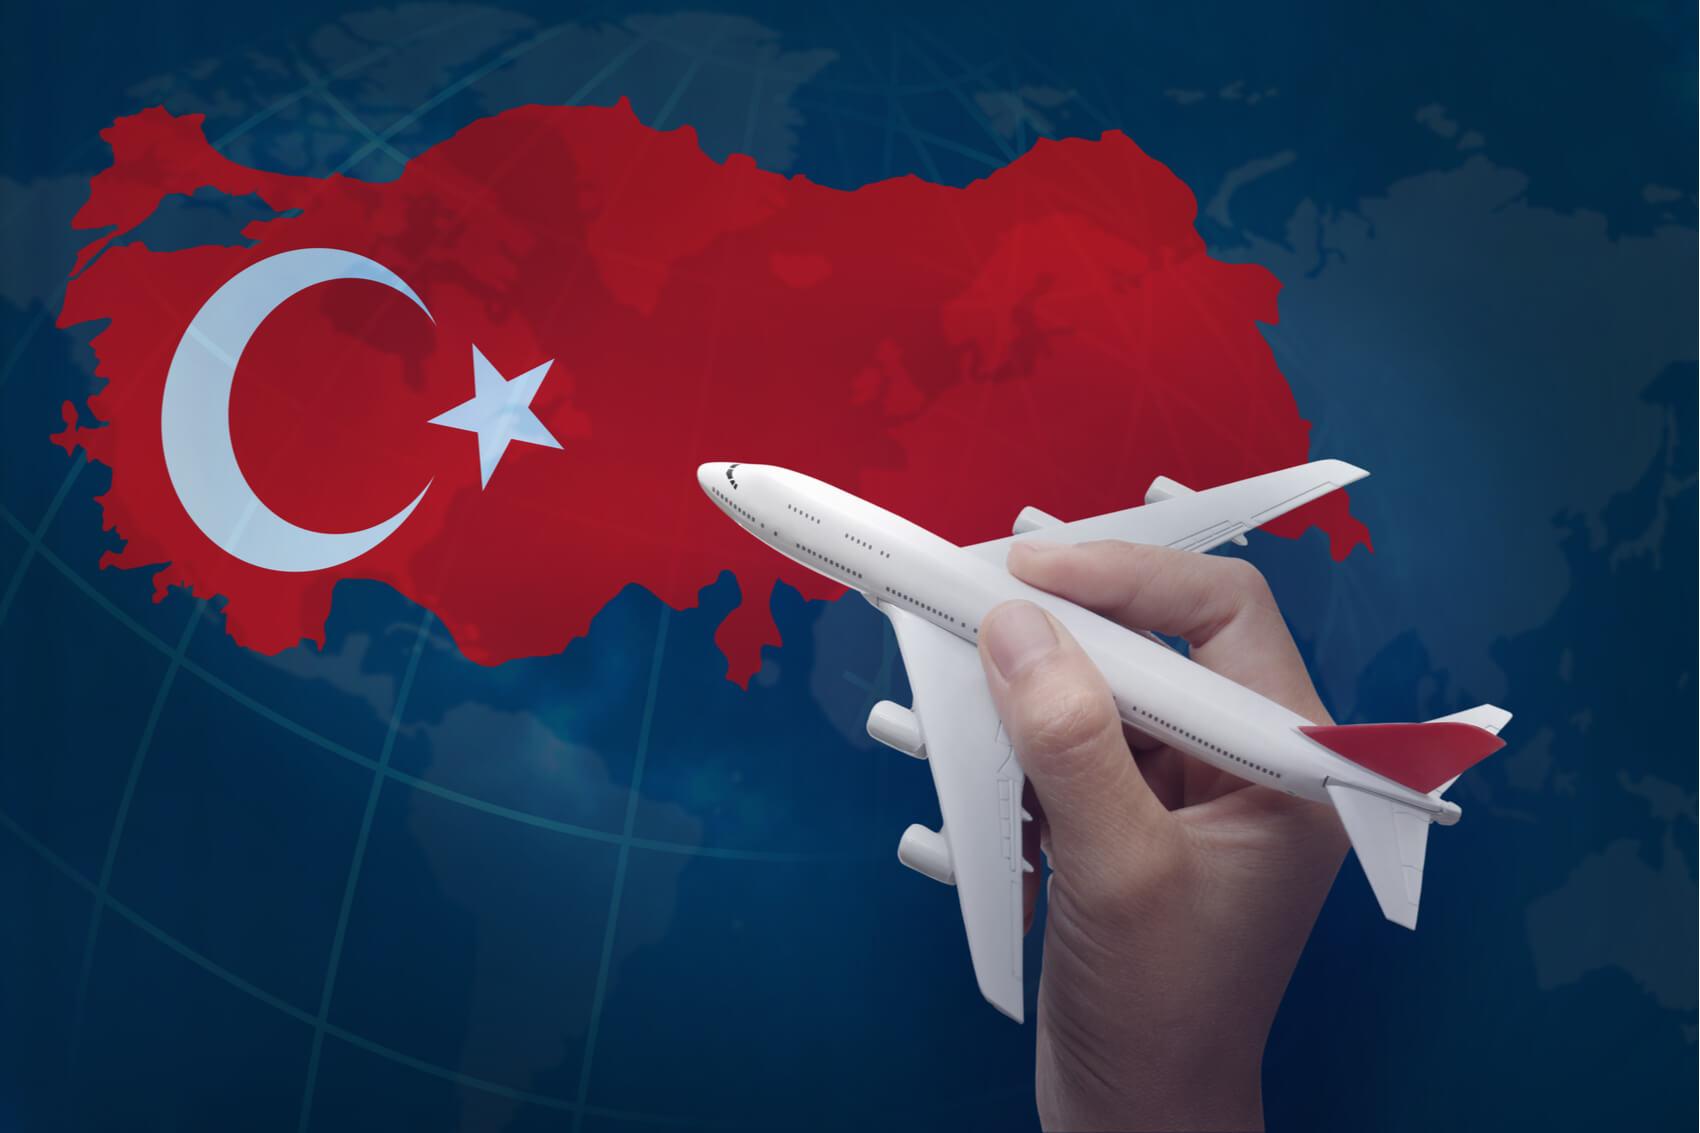 kogda otkrojut charternye rejsy v turciju